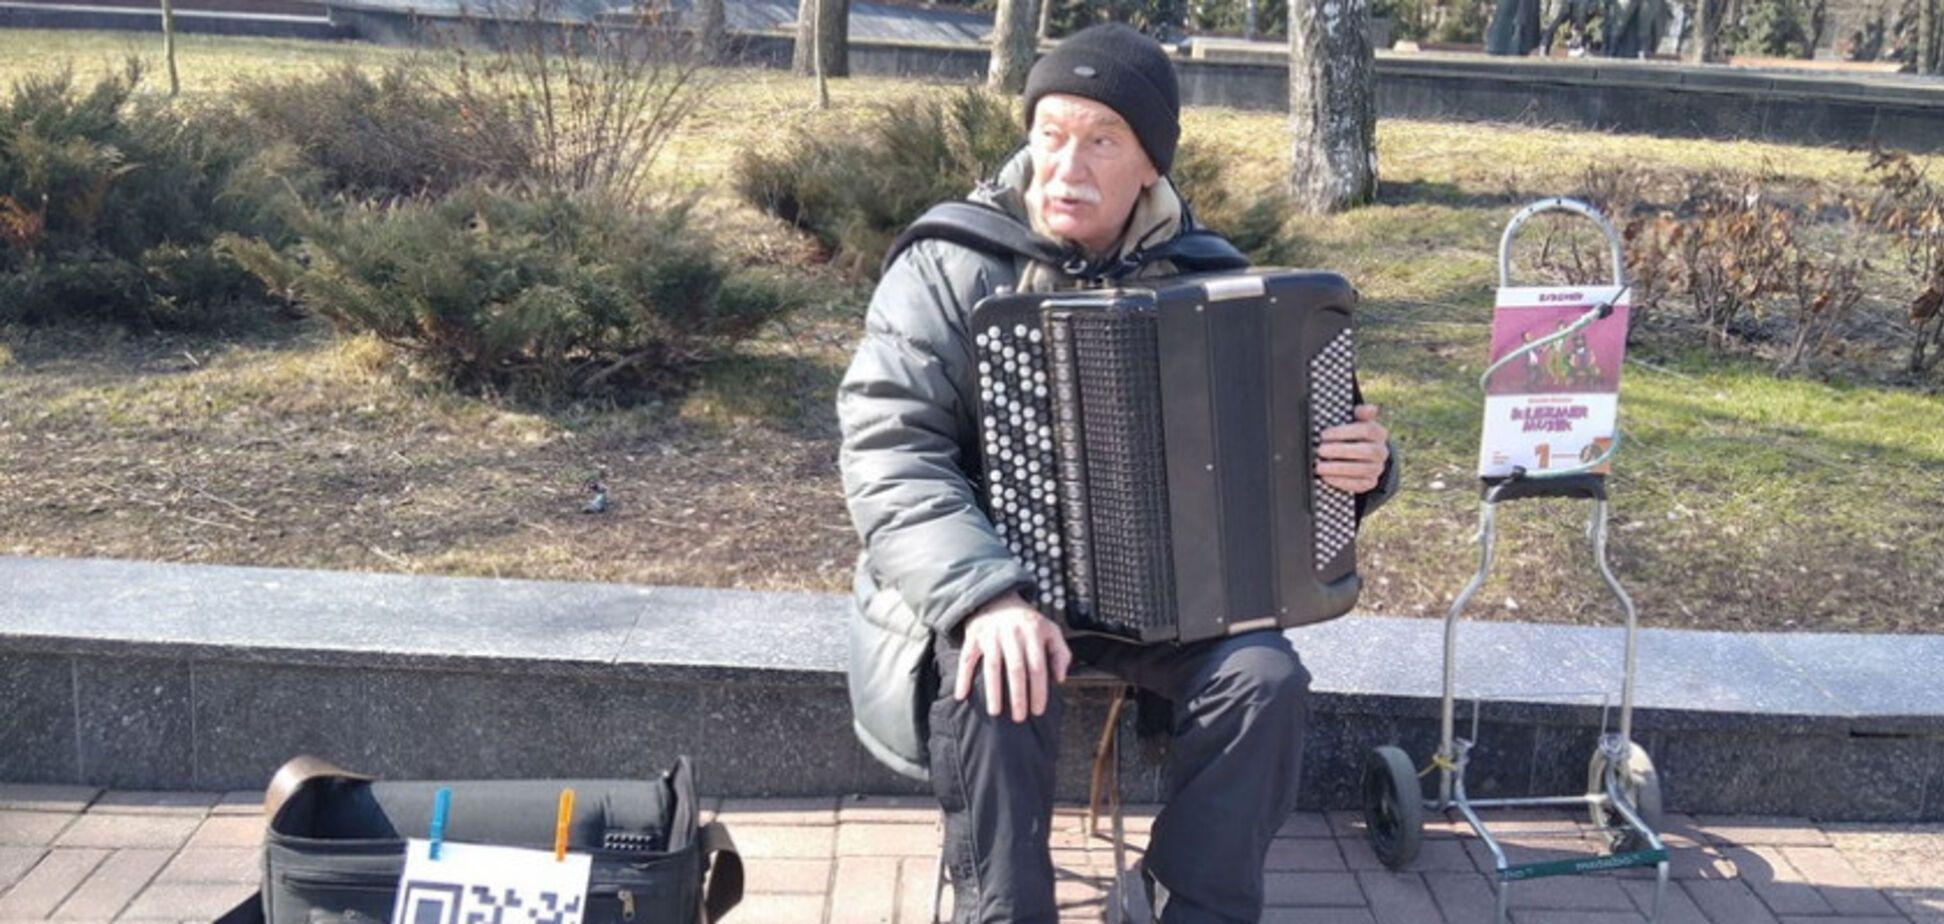 Вуличний музикант Олександр Шамігов приймає гроші через QR-код